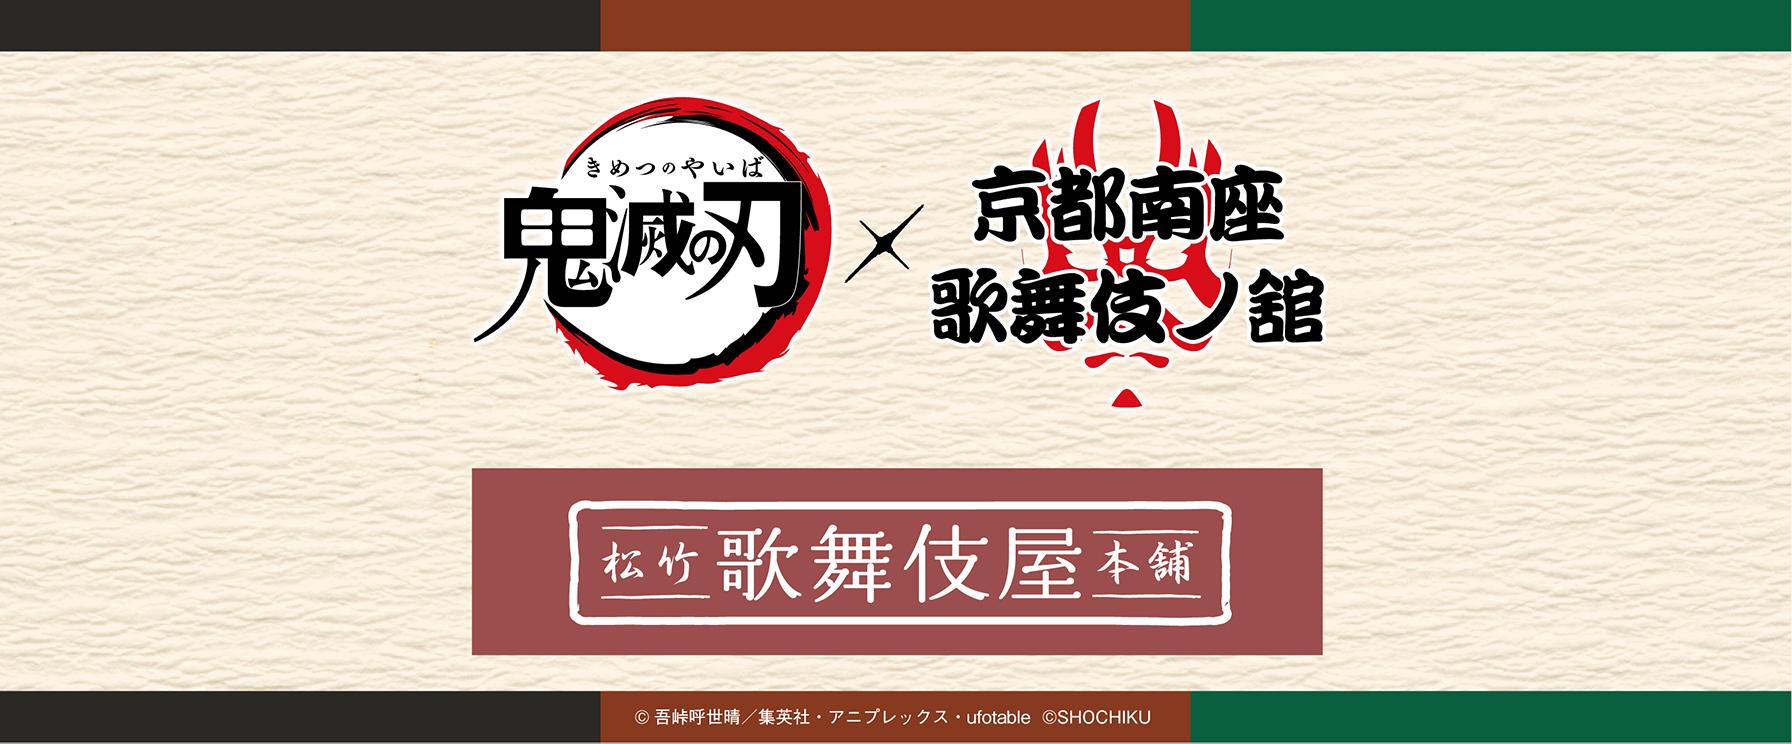 【12月28日(月)】「鬼滅の刃 × 京都南座 歌舞伎ノ舘」コラボグッズ事後物販